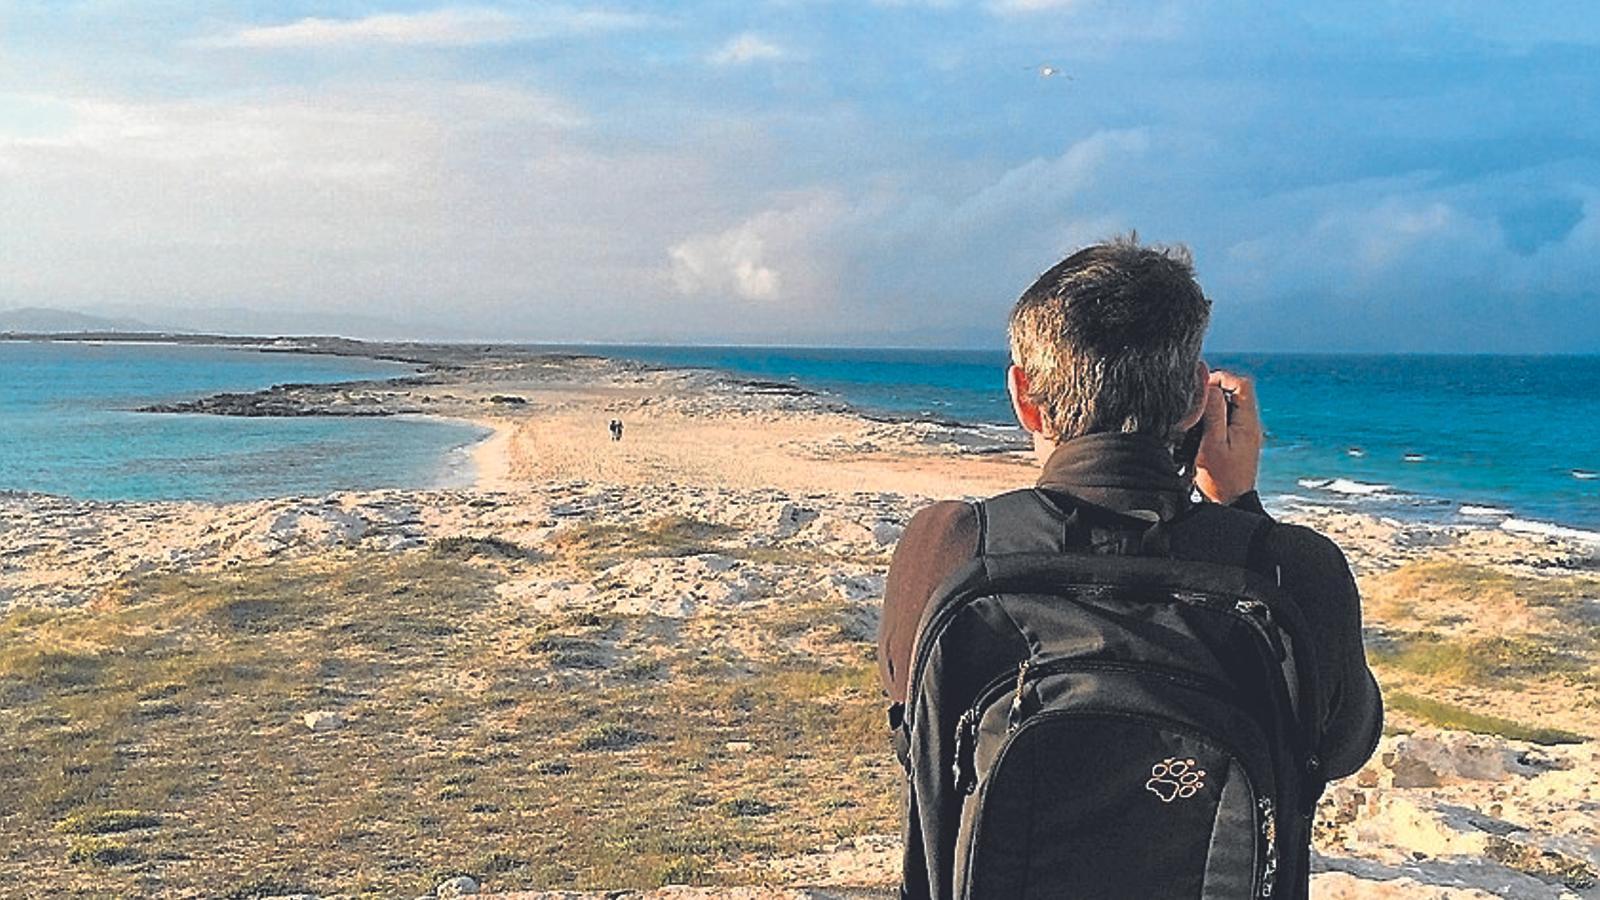 El concurs a Instagram de l'ARA i el Formentera Fotogràfica posen el focus en l'estil de vida i el paisatge mediterrani